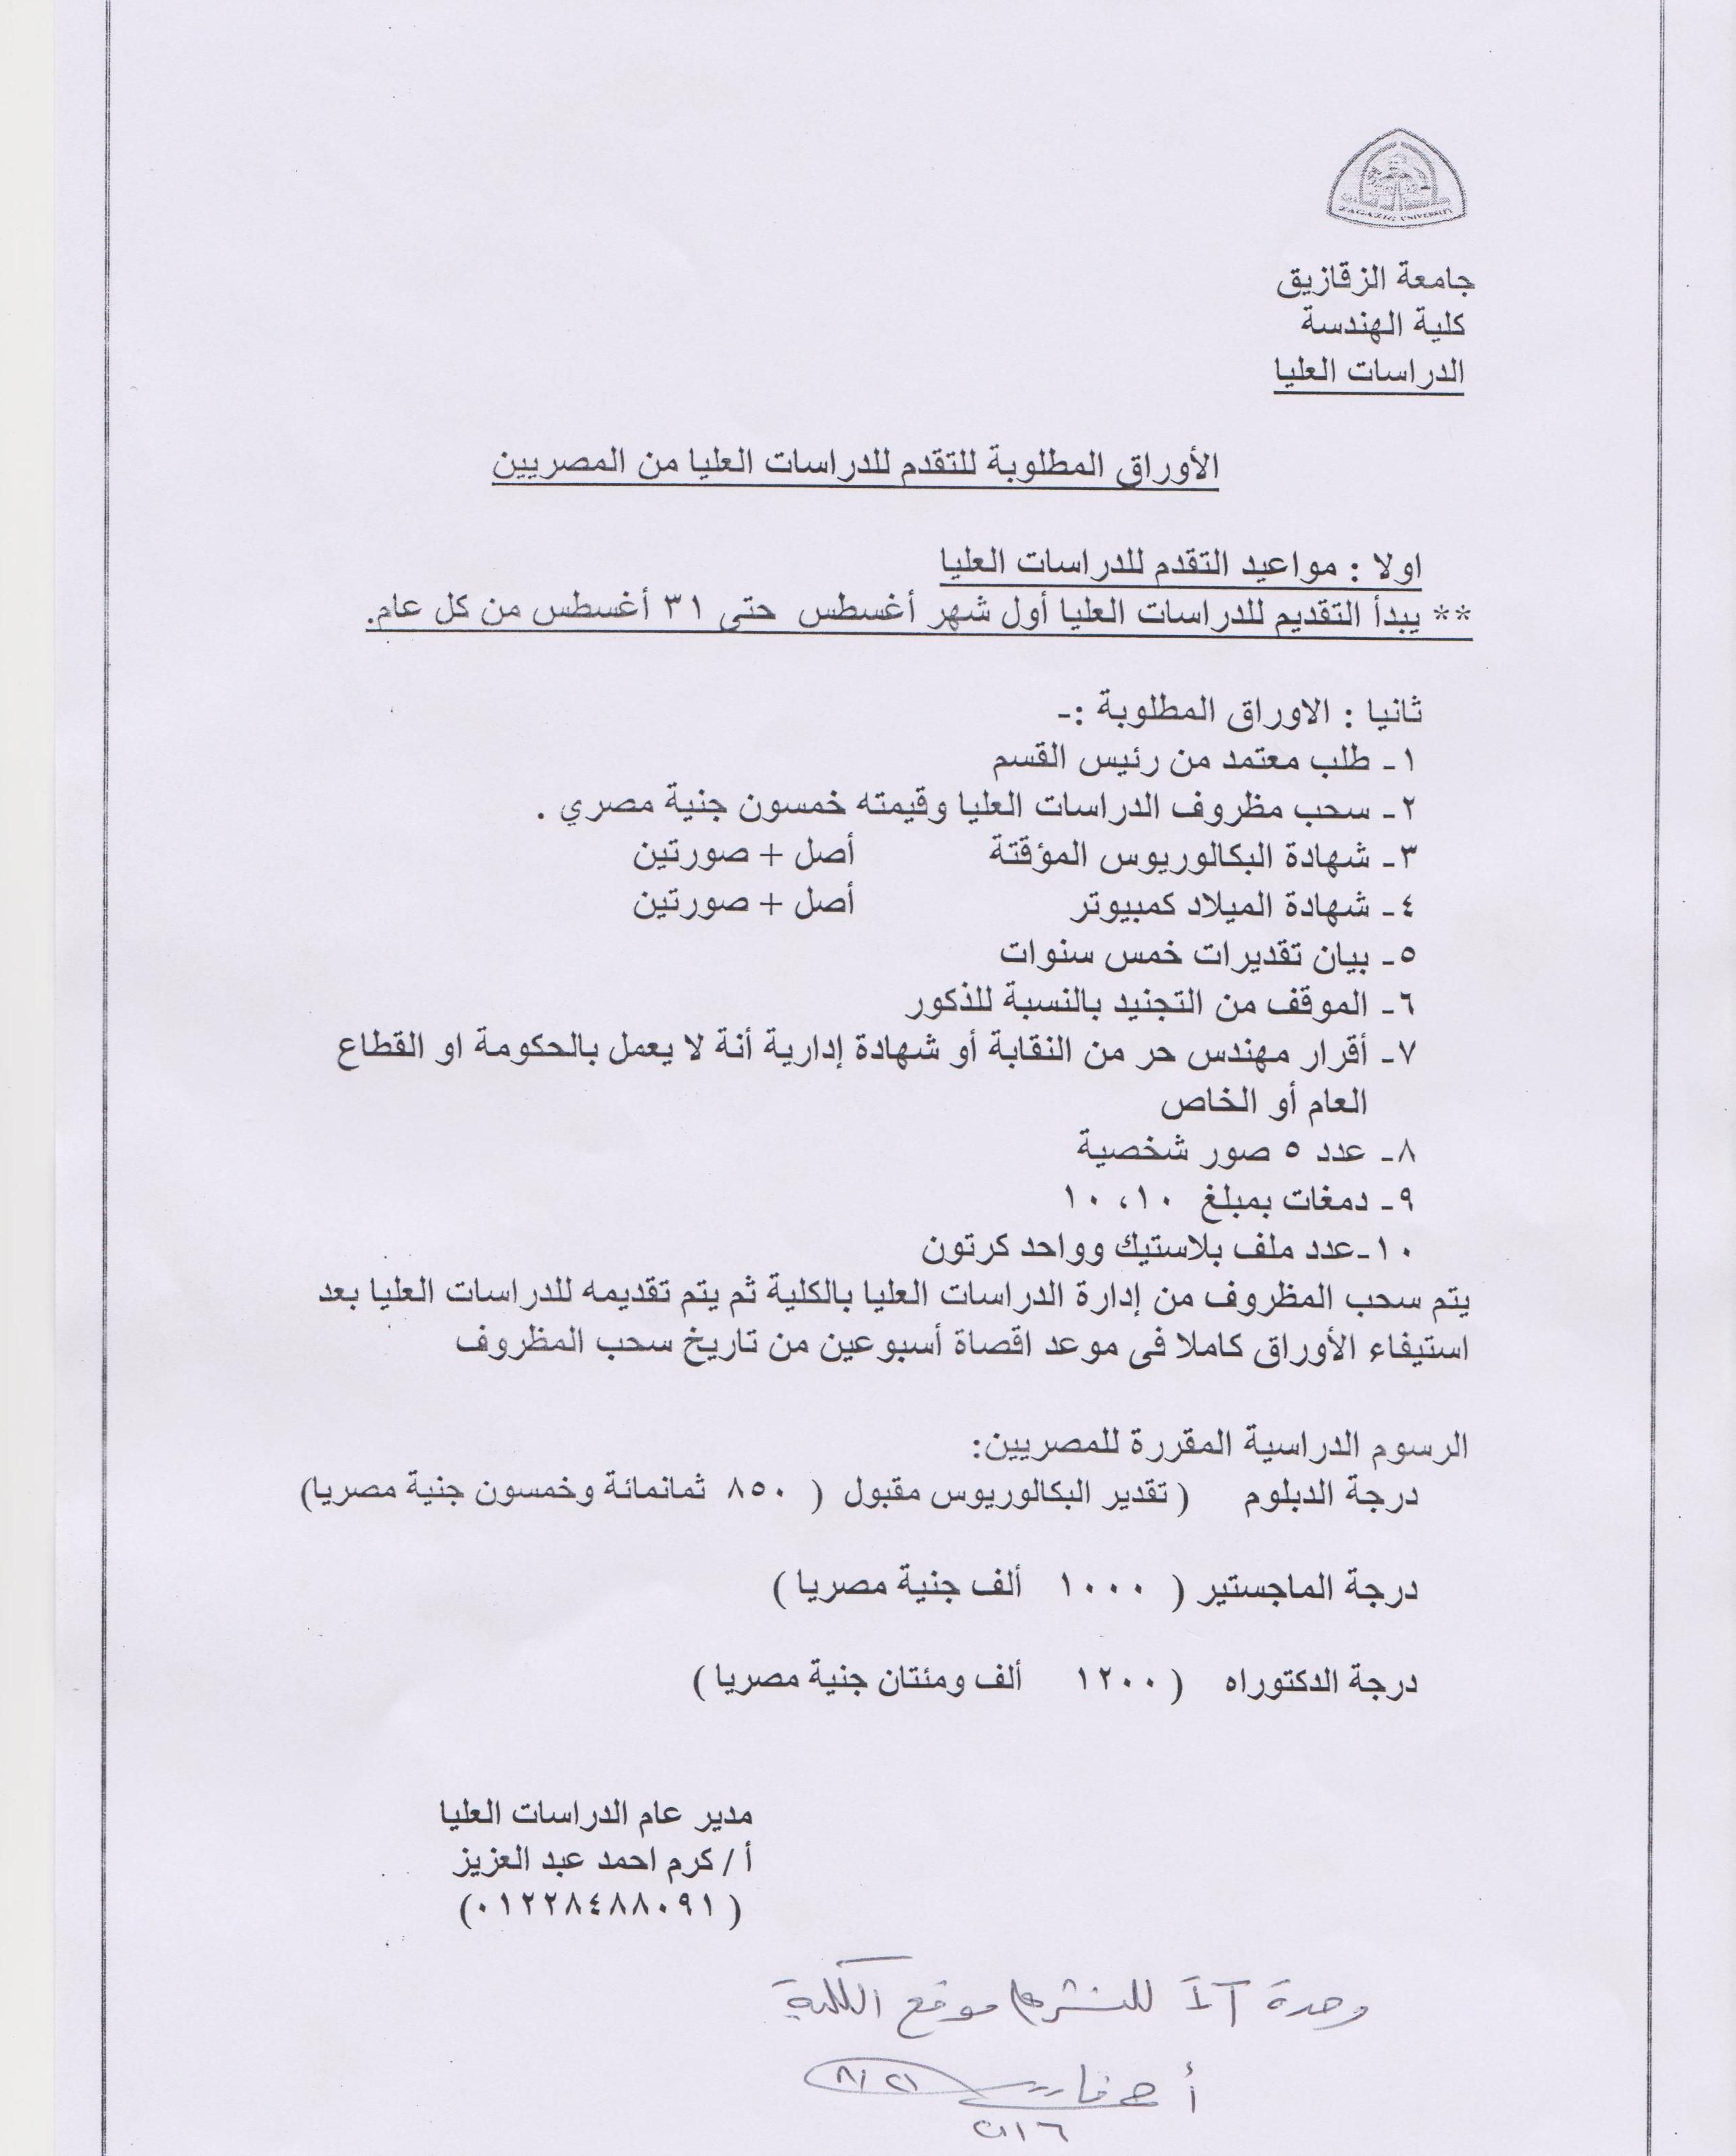 الاوراق المطلوبة للتقدم للدراسات العليا من المصريين